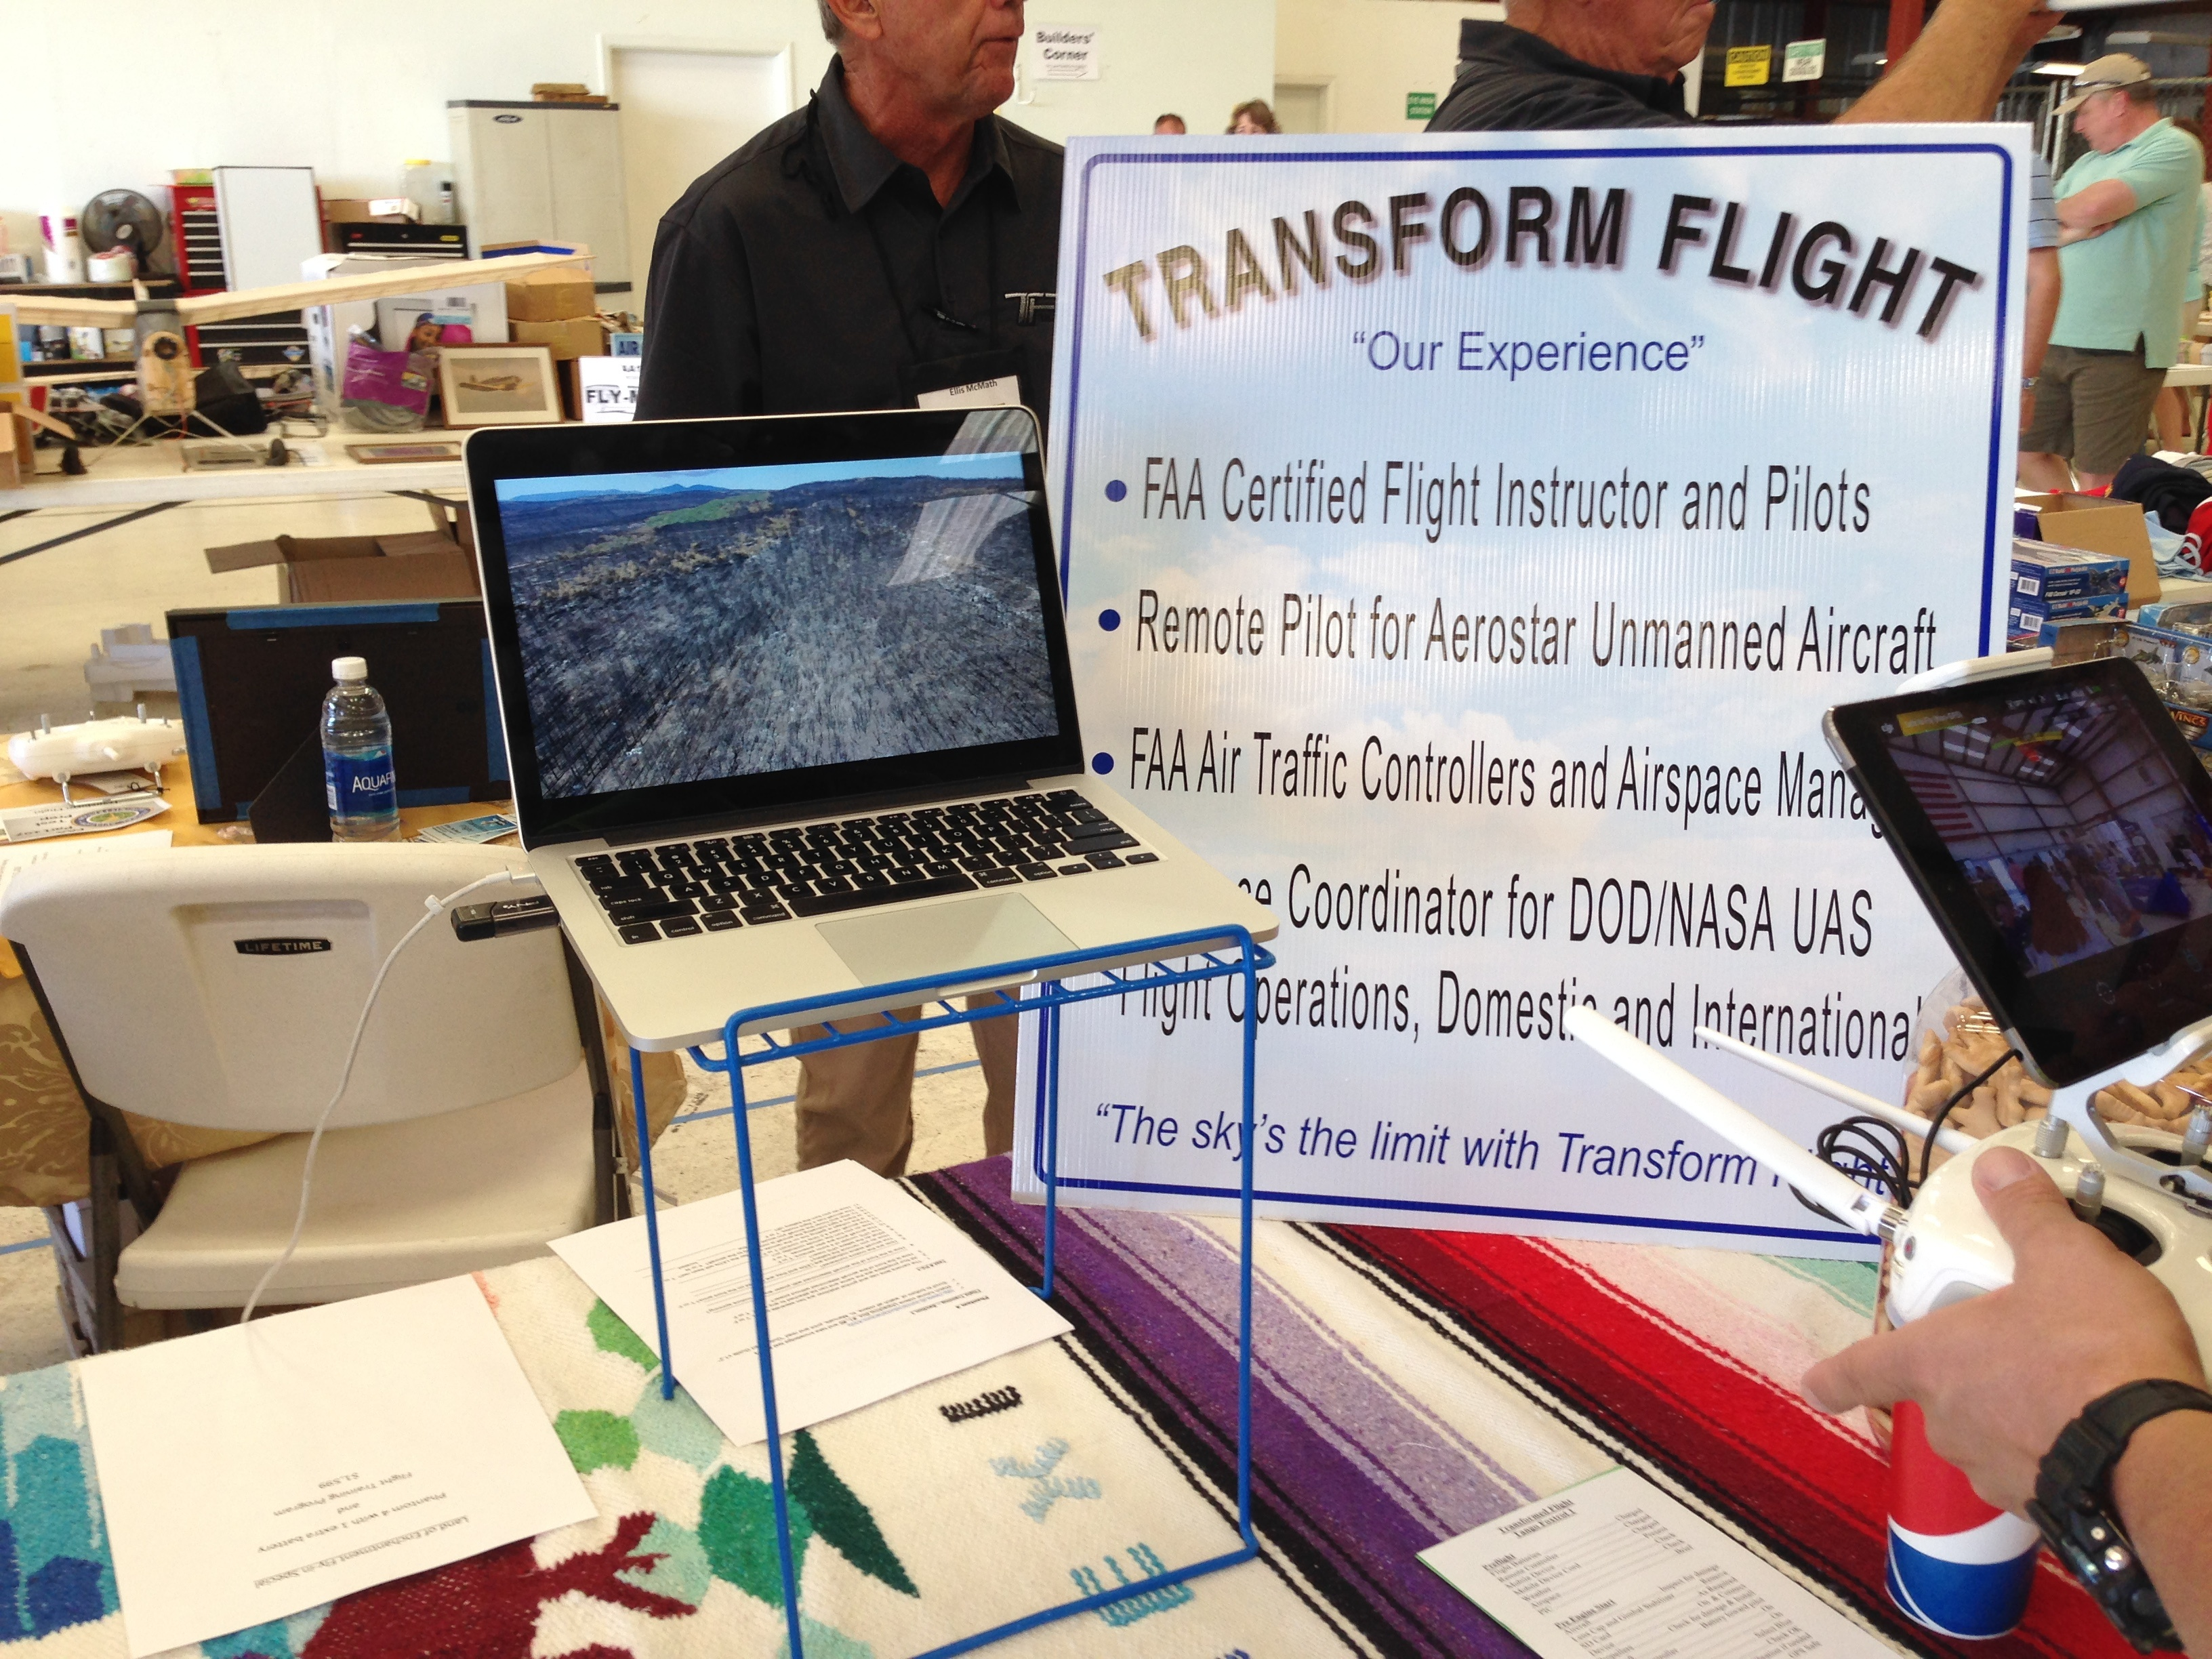 Transform Flight